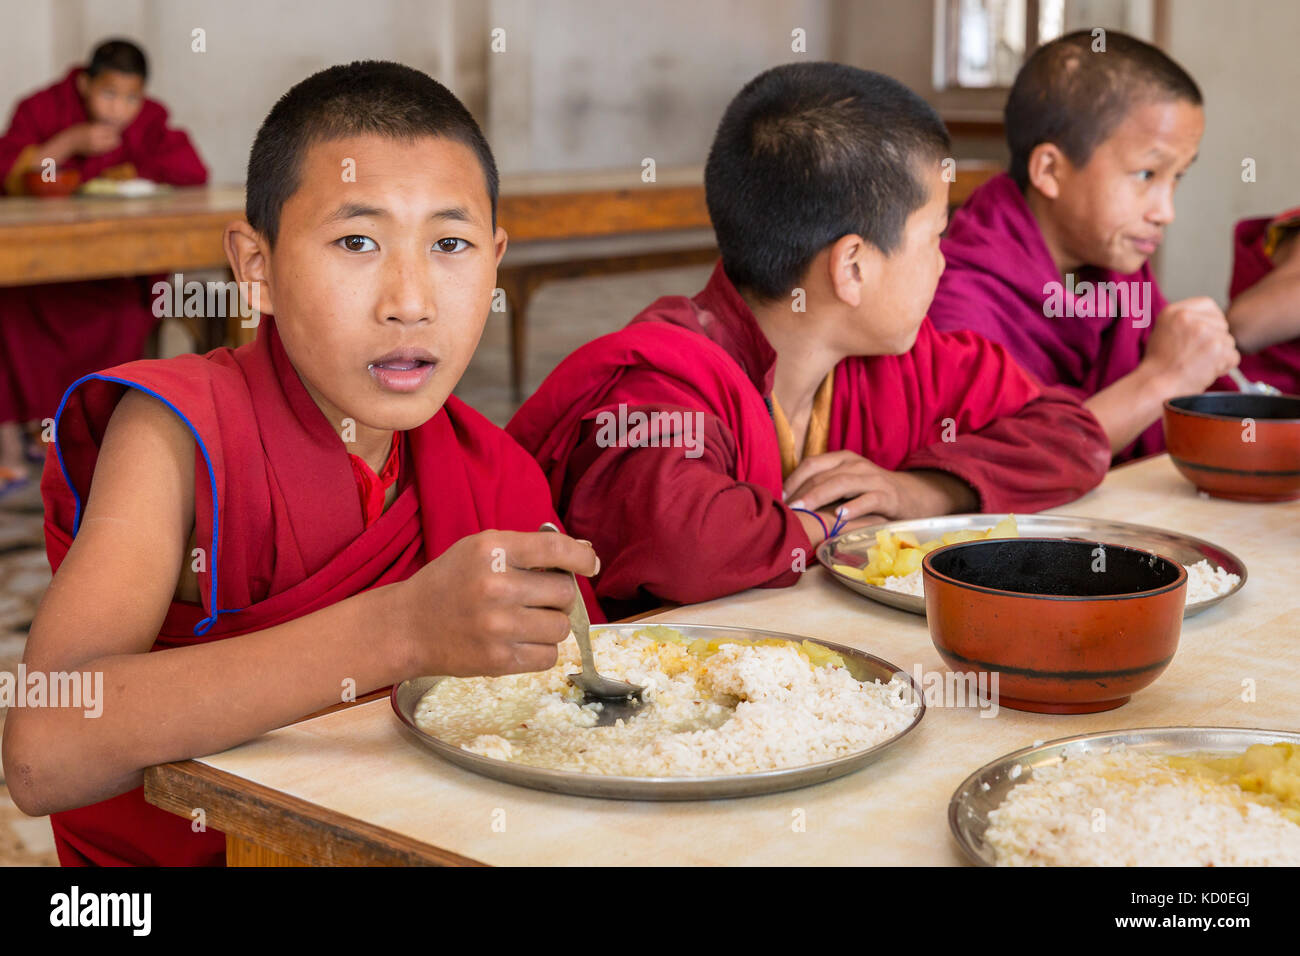 Young monks in Amitabha Monastery having lunch, Kathmandu Valley, Kathmandu, Nepal - Stock Image